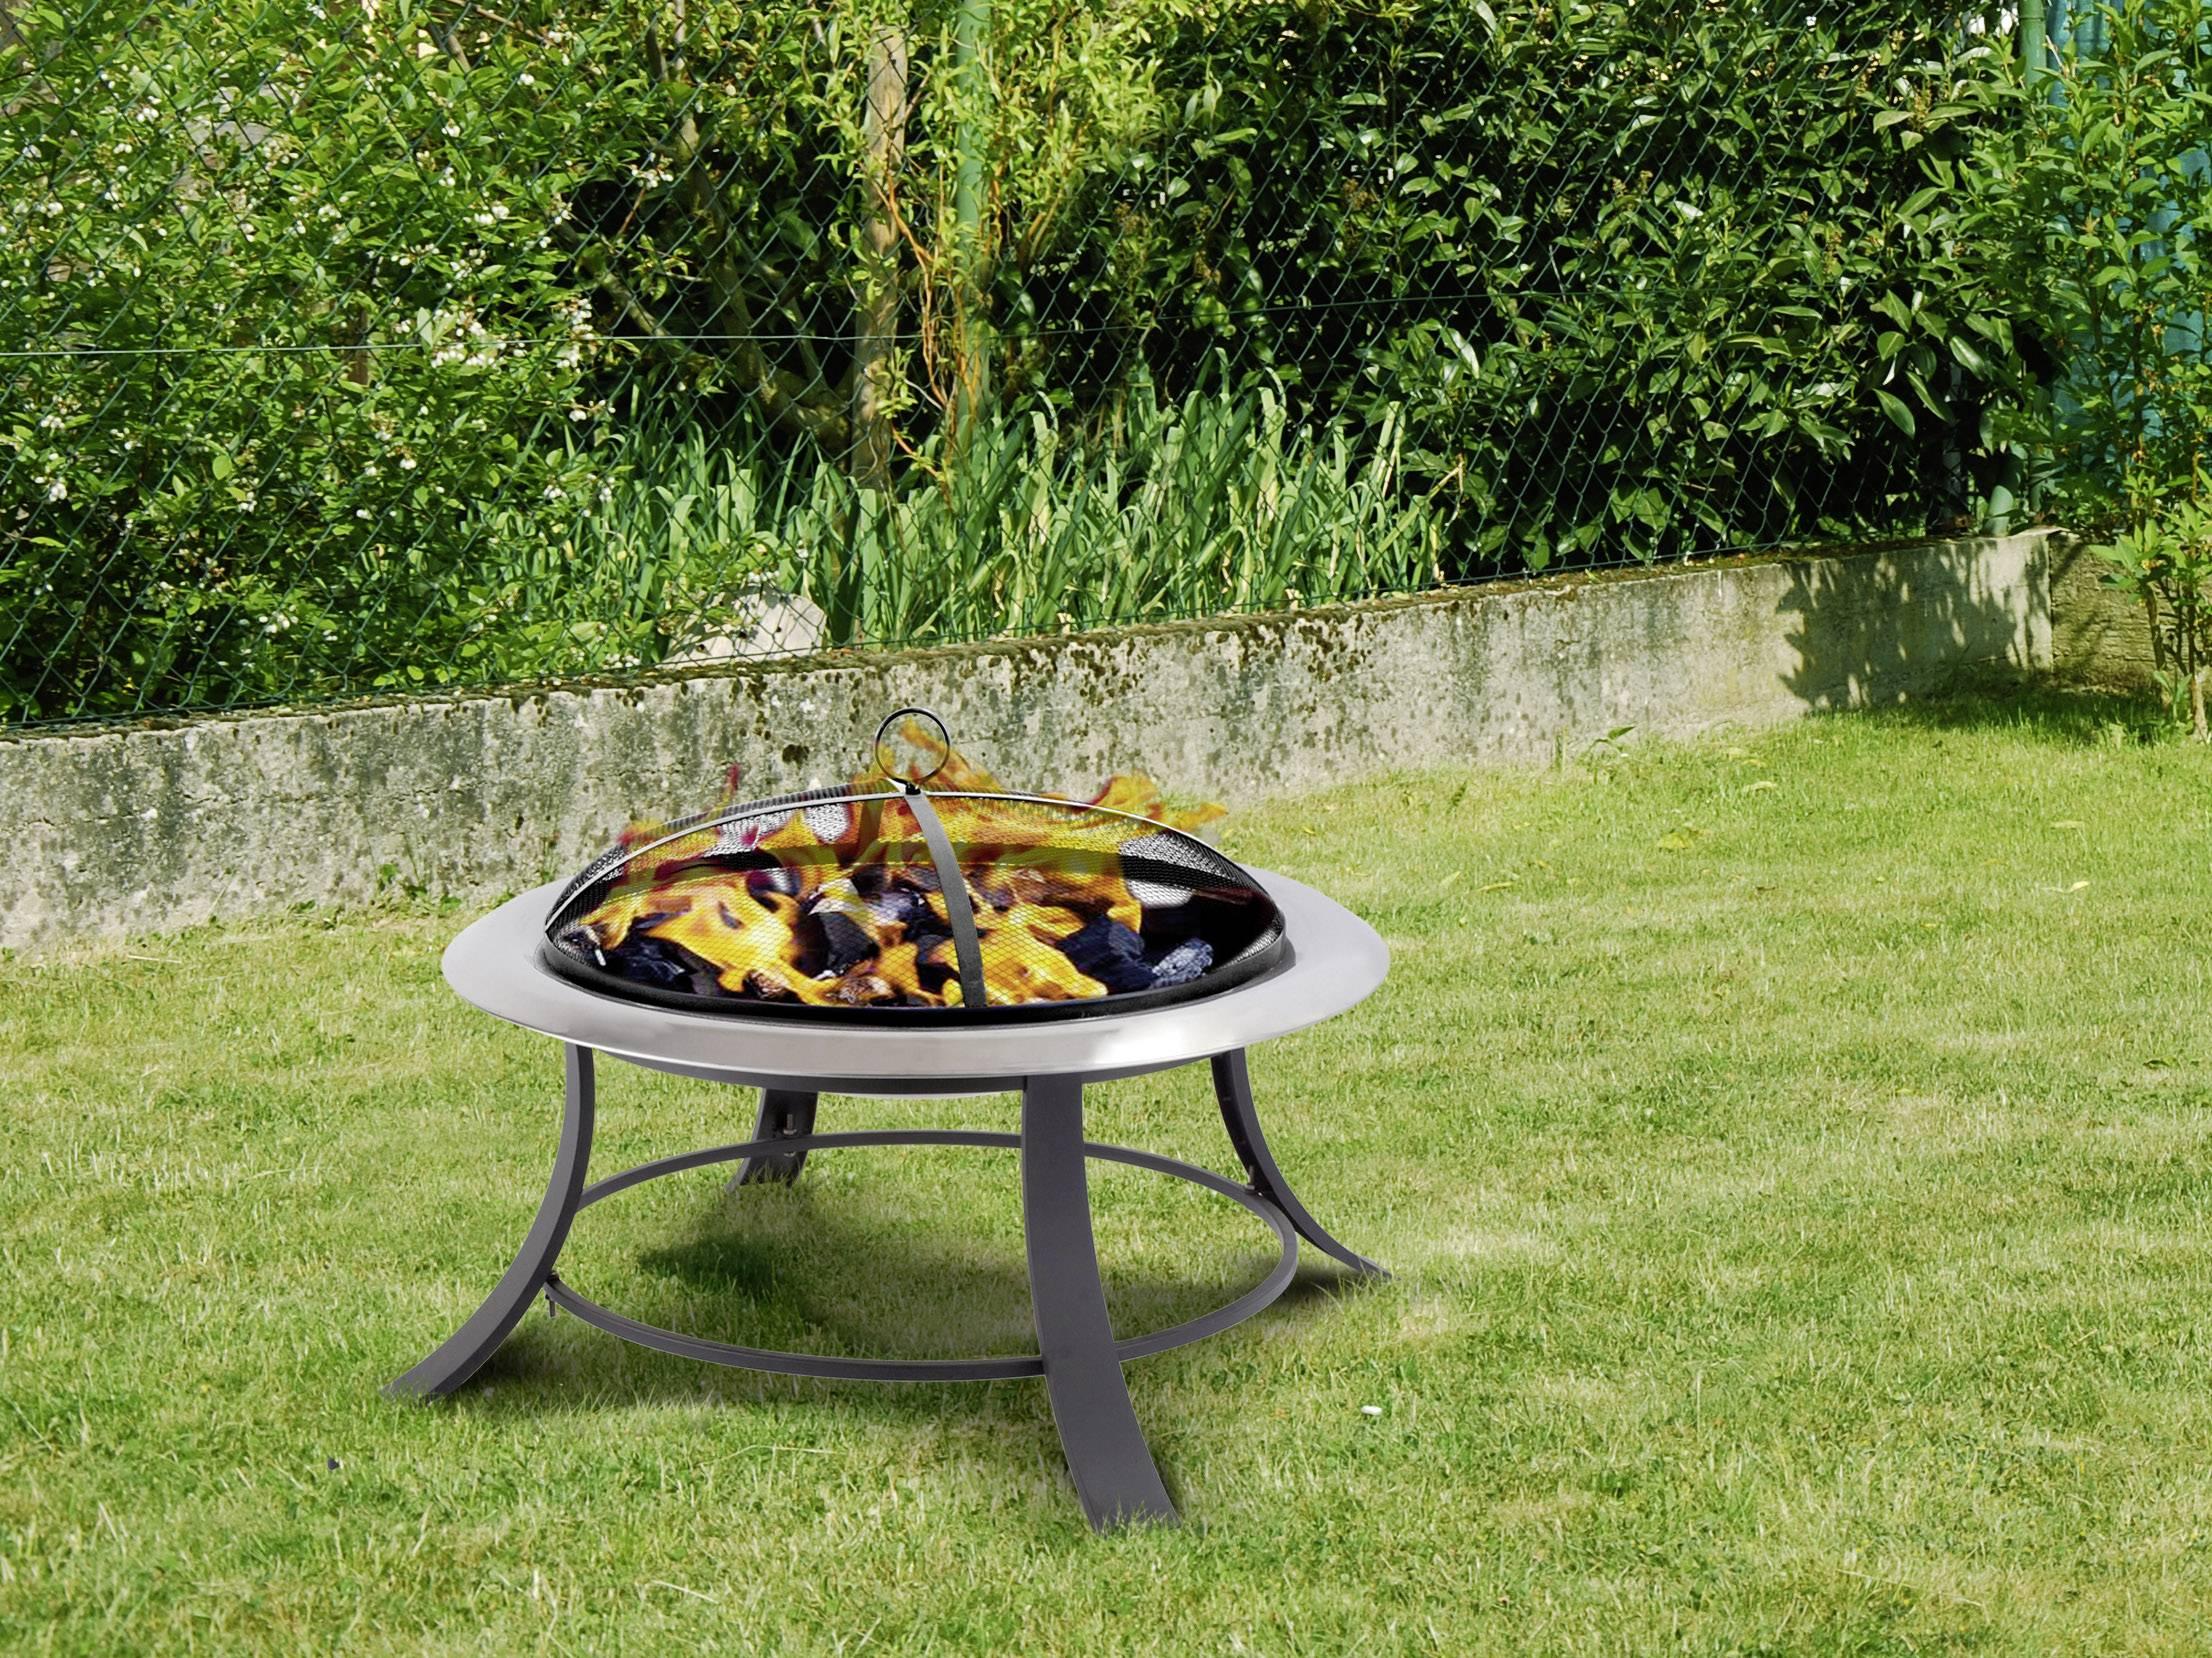 Feuerstelle Garten Rund : Tepro garten silver city rund feuerstelle mit funkenschutz schwarz